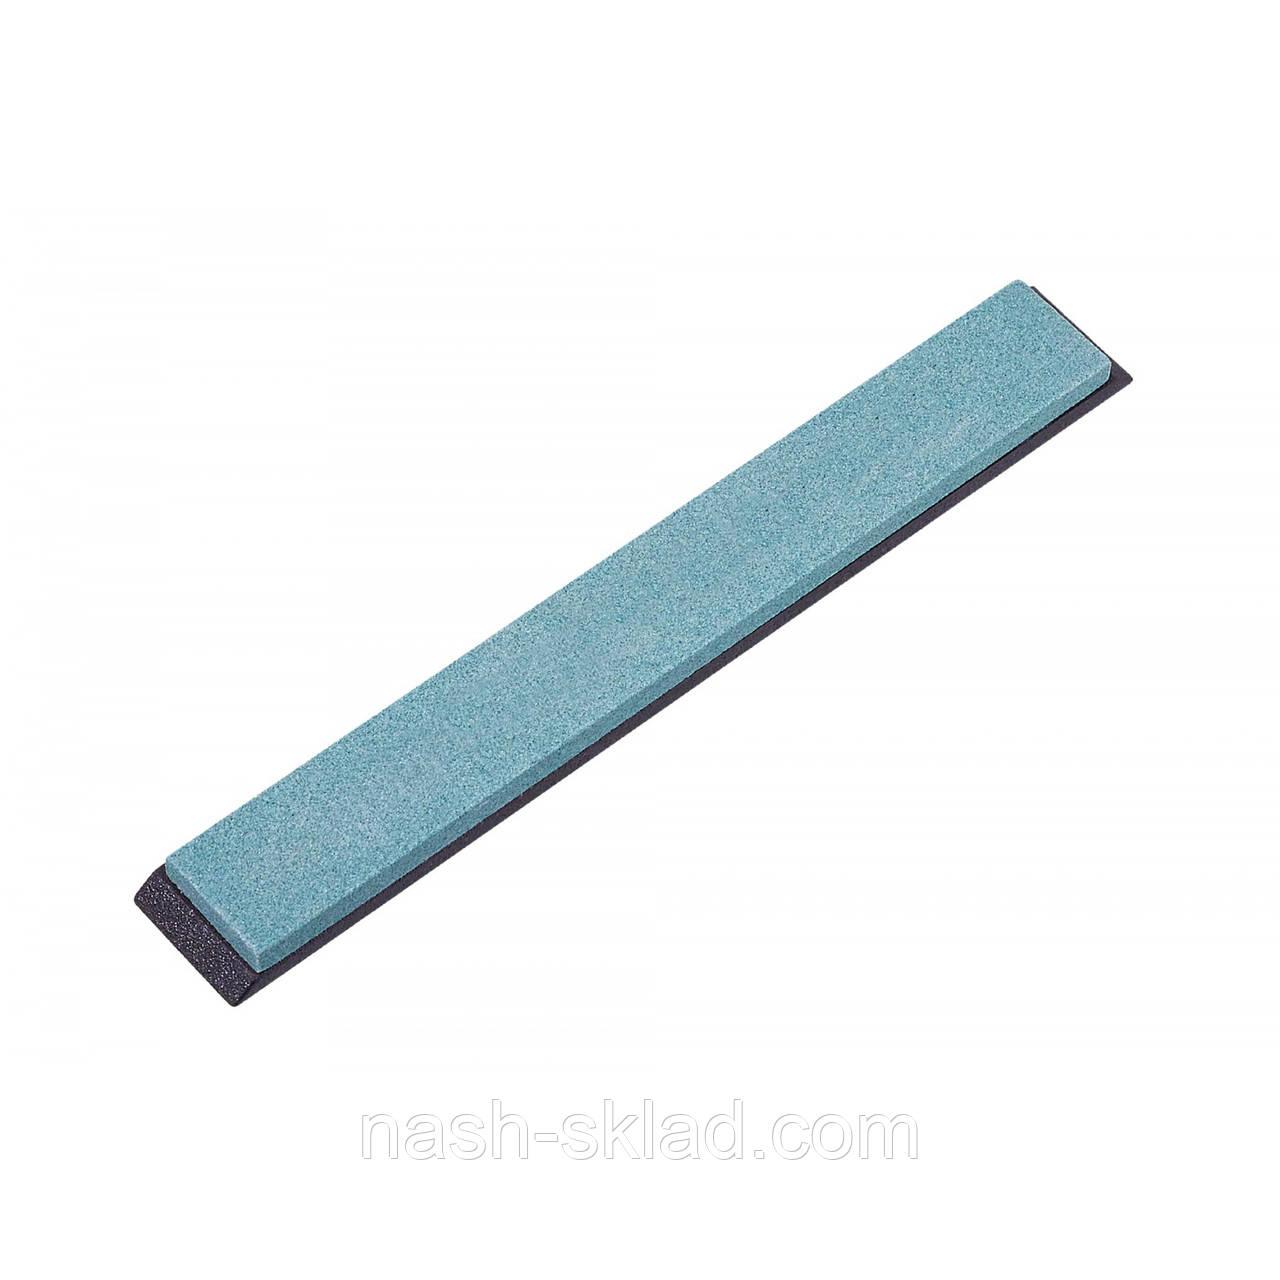 Камень точильный голубой универсальный, портативный GRIT